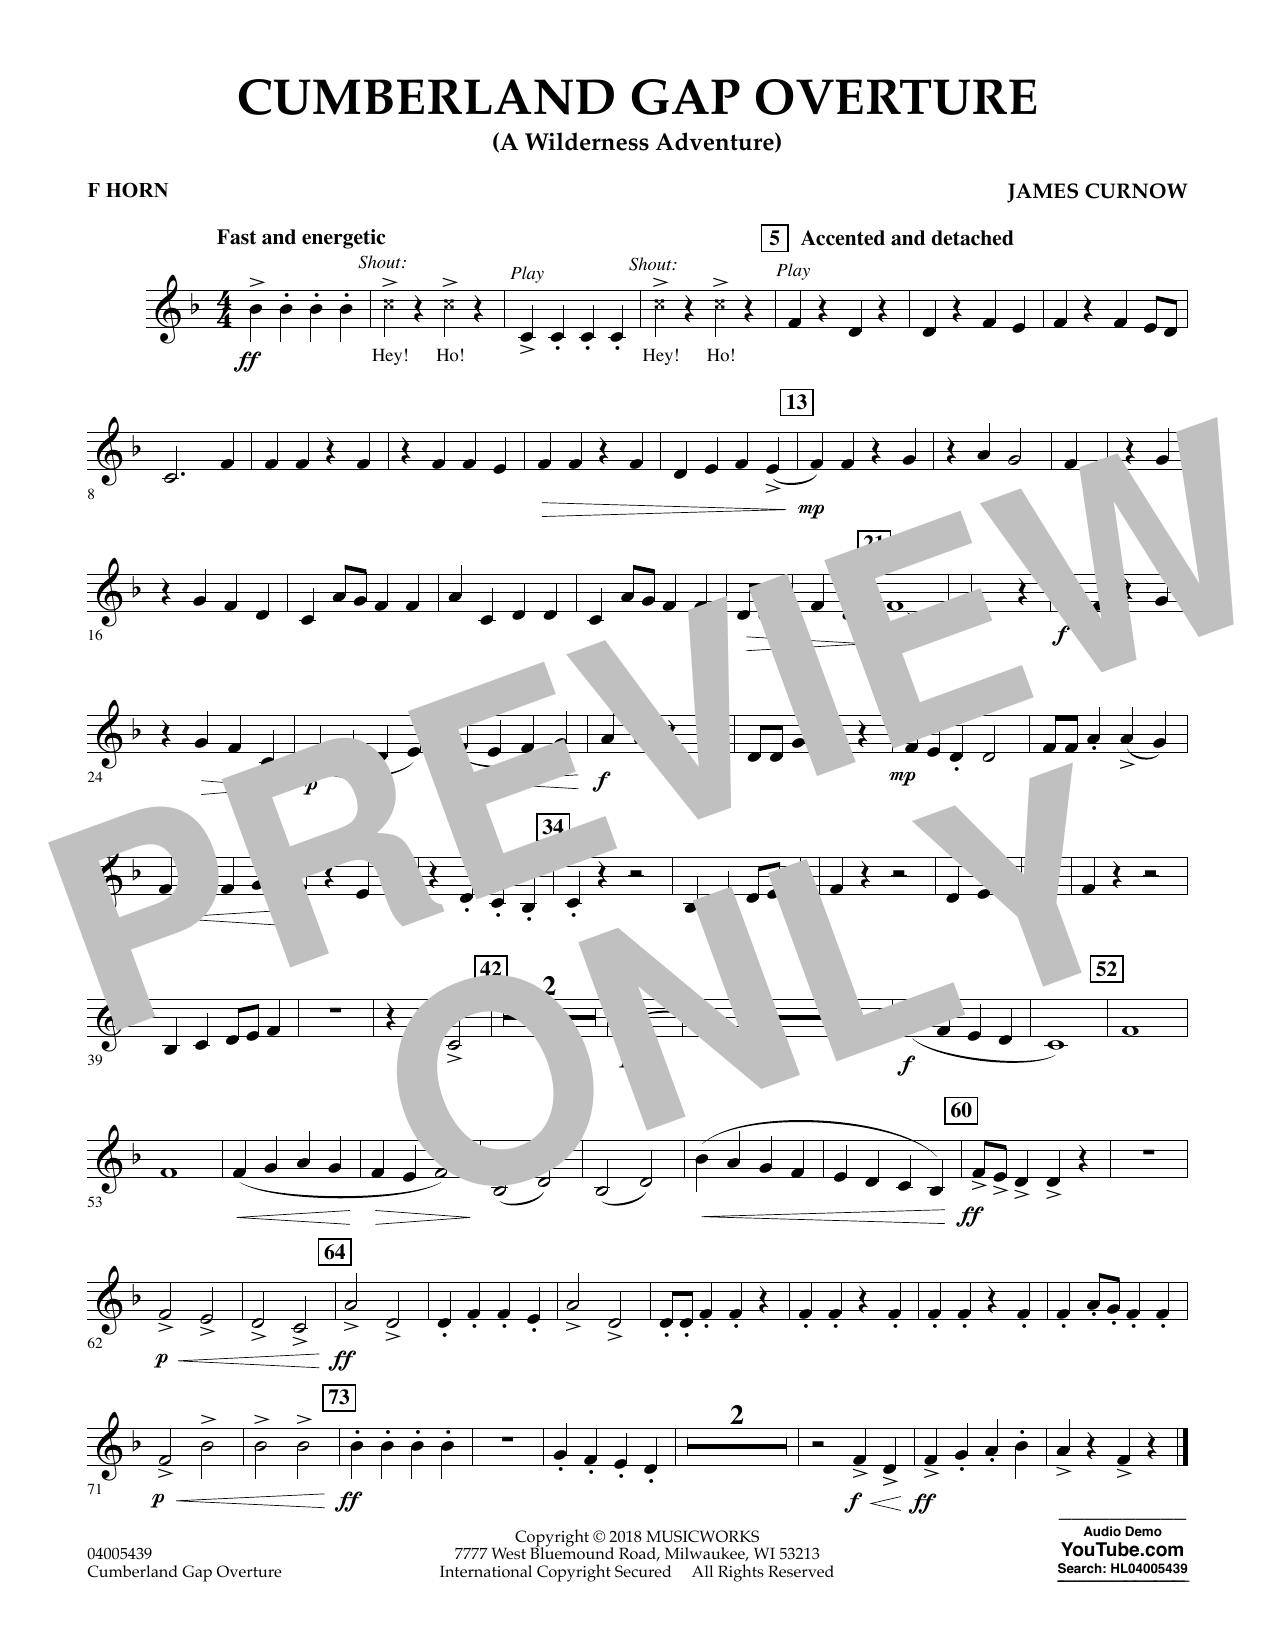 Cumberland Gap Overture (A Wilderness Adventure) - F Horn (Concert Band)